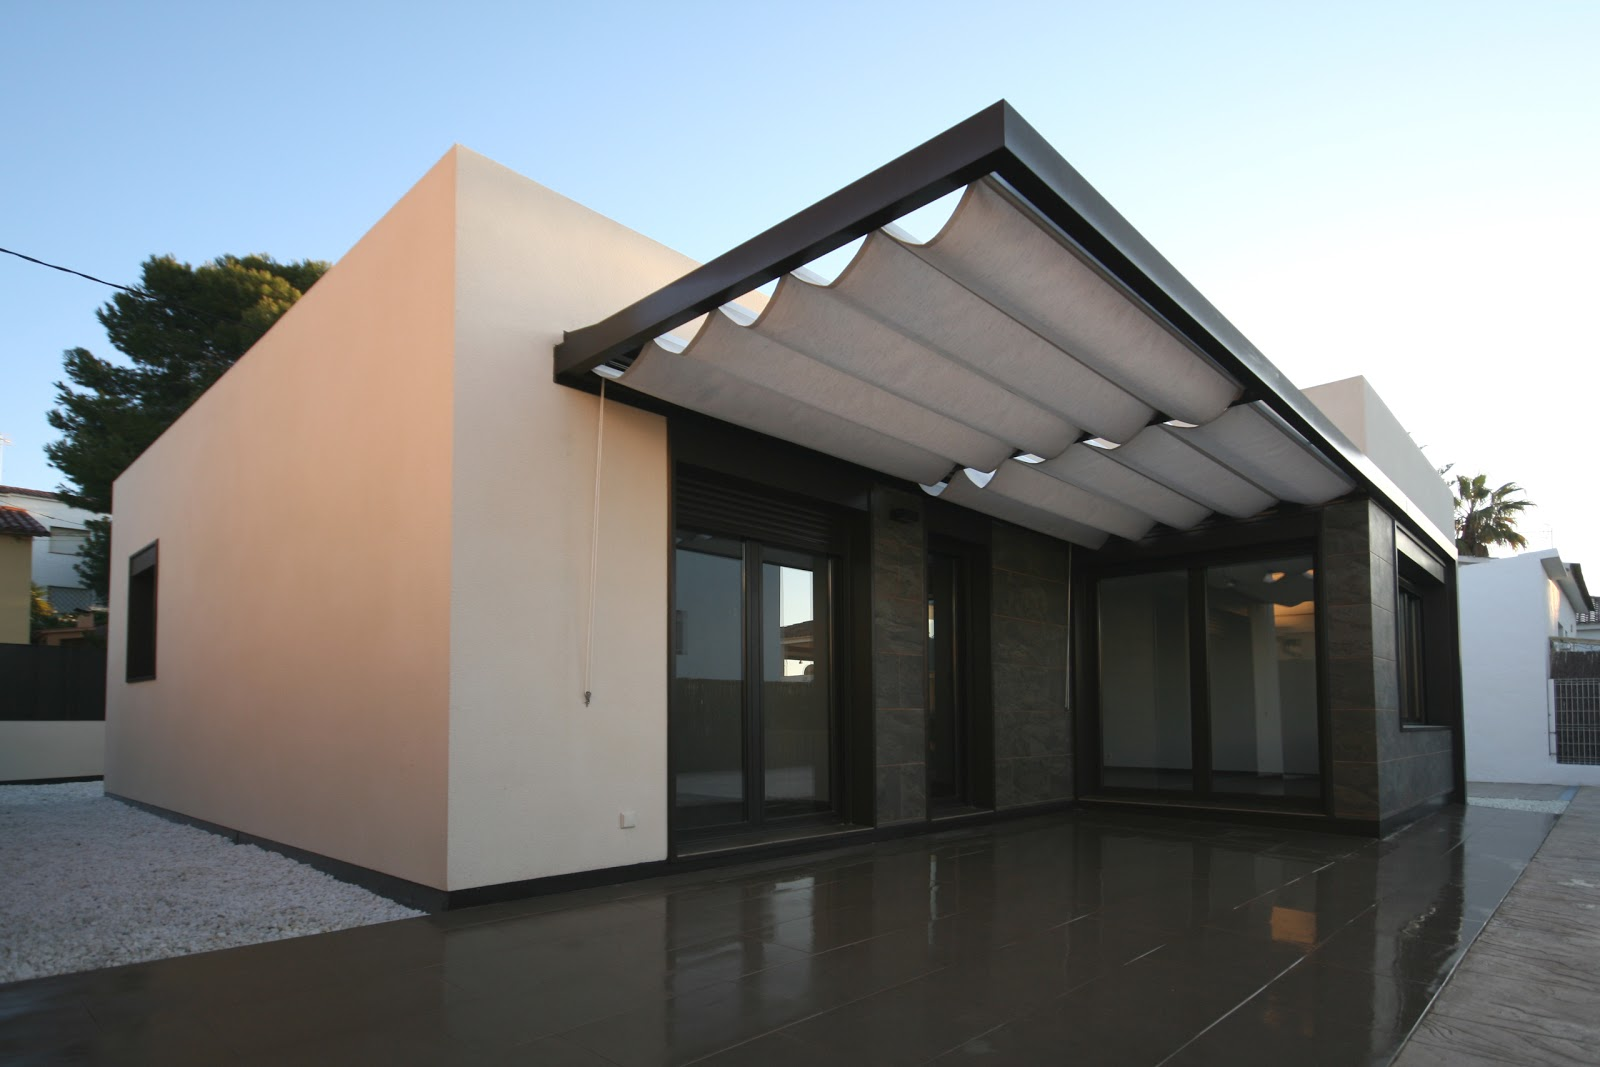 Casas modulares blochouse casas modulares blochouse for Casas modulares minimalistas